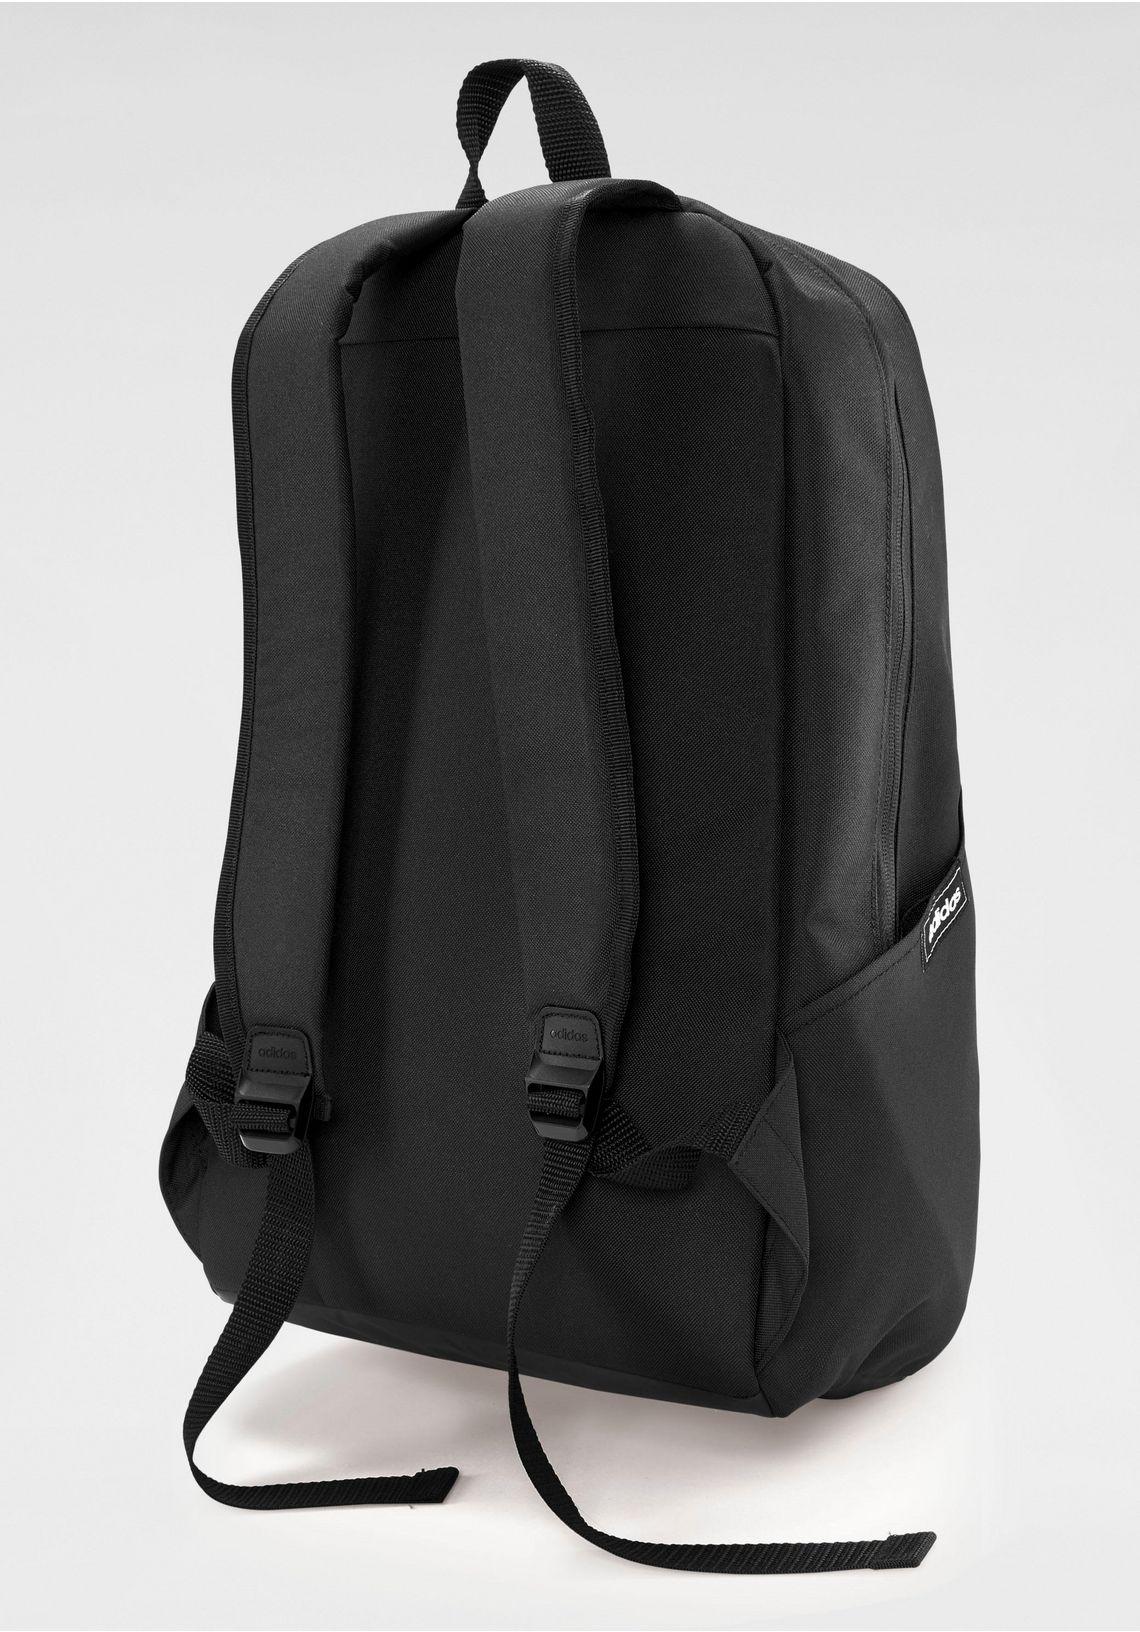 adidas sportrugzak  T4 PARKHOOD 3 STRIPES BACKPACK snel online gekocht  zwart